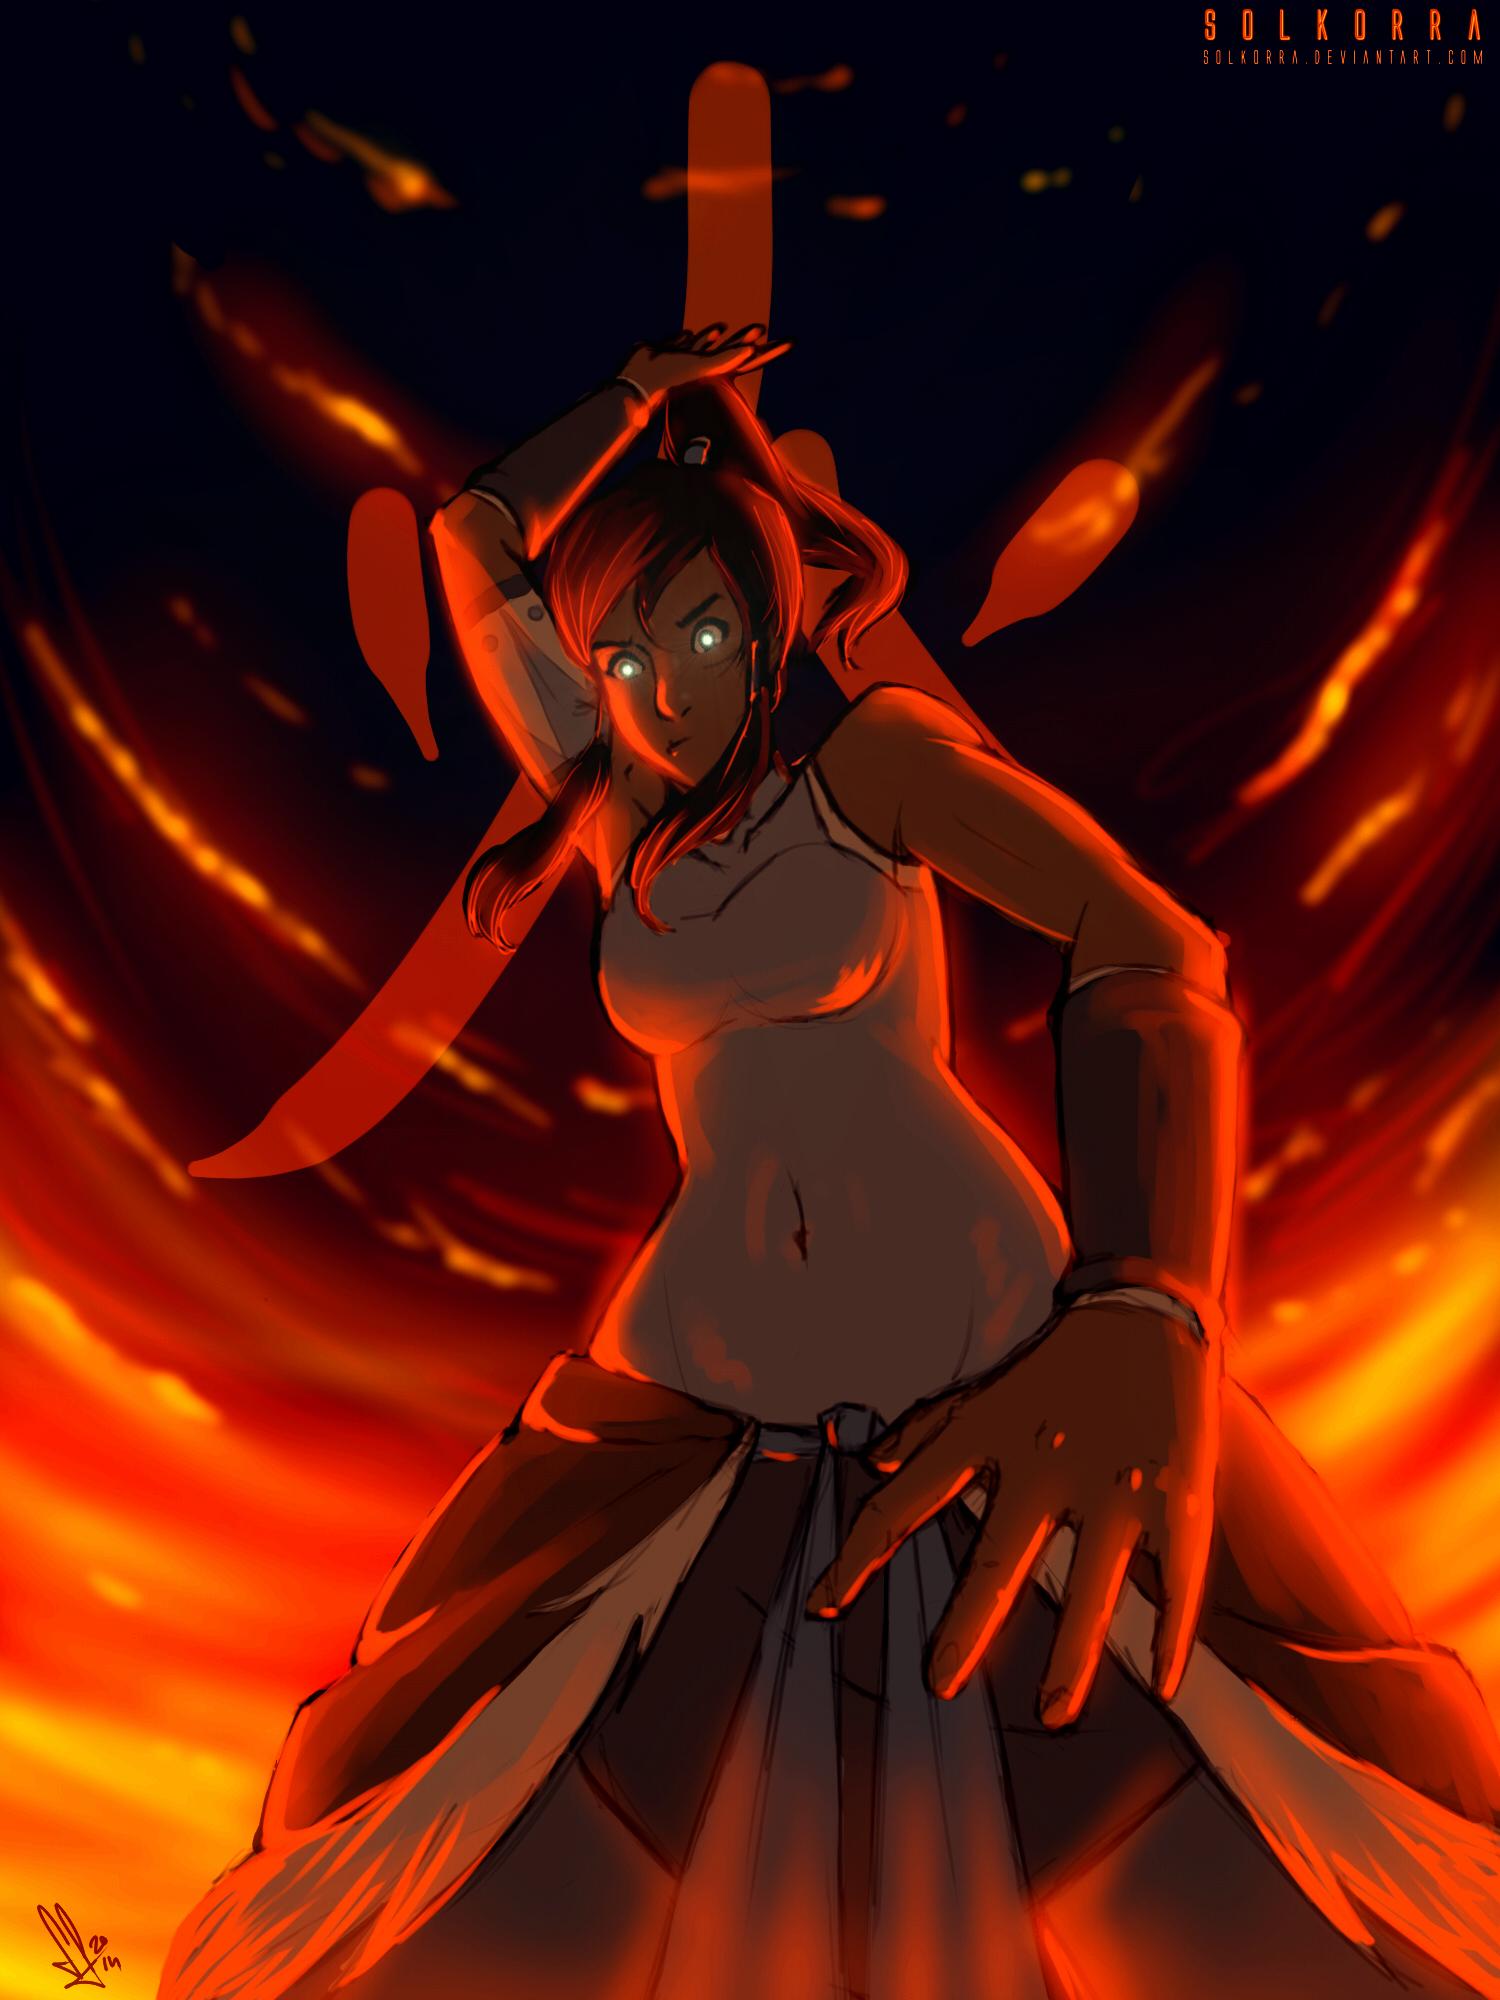 Korra Burn by SolKorra